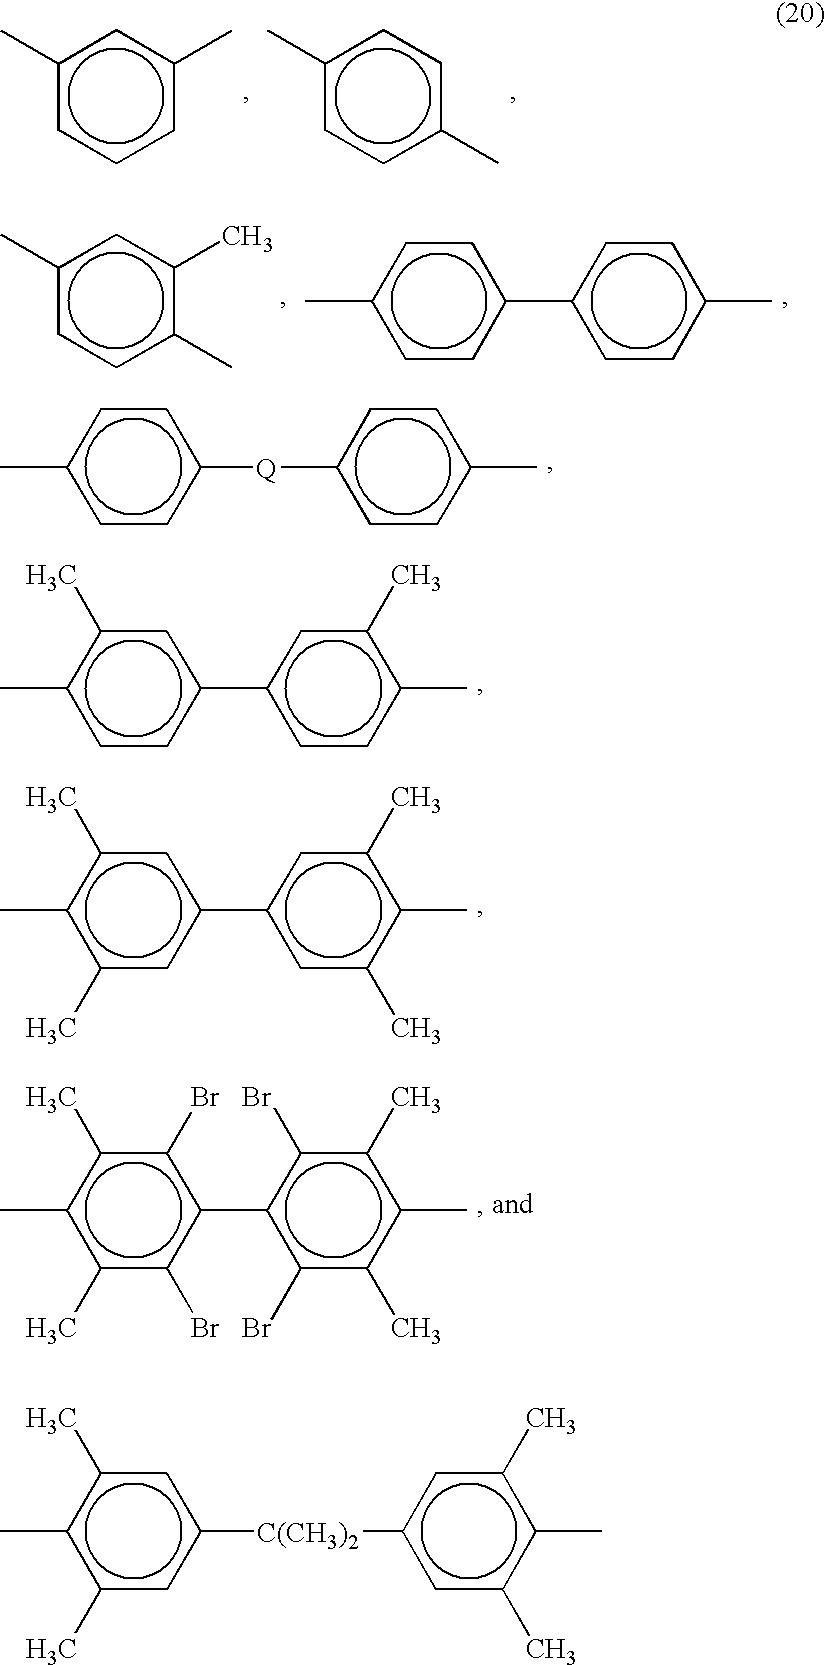 Figure US07727418-20100601-C00018